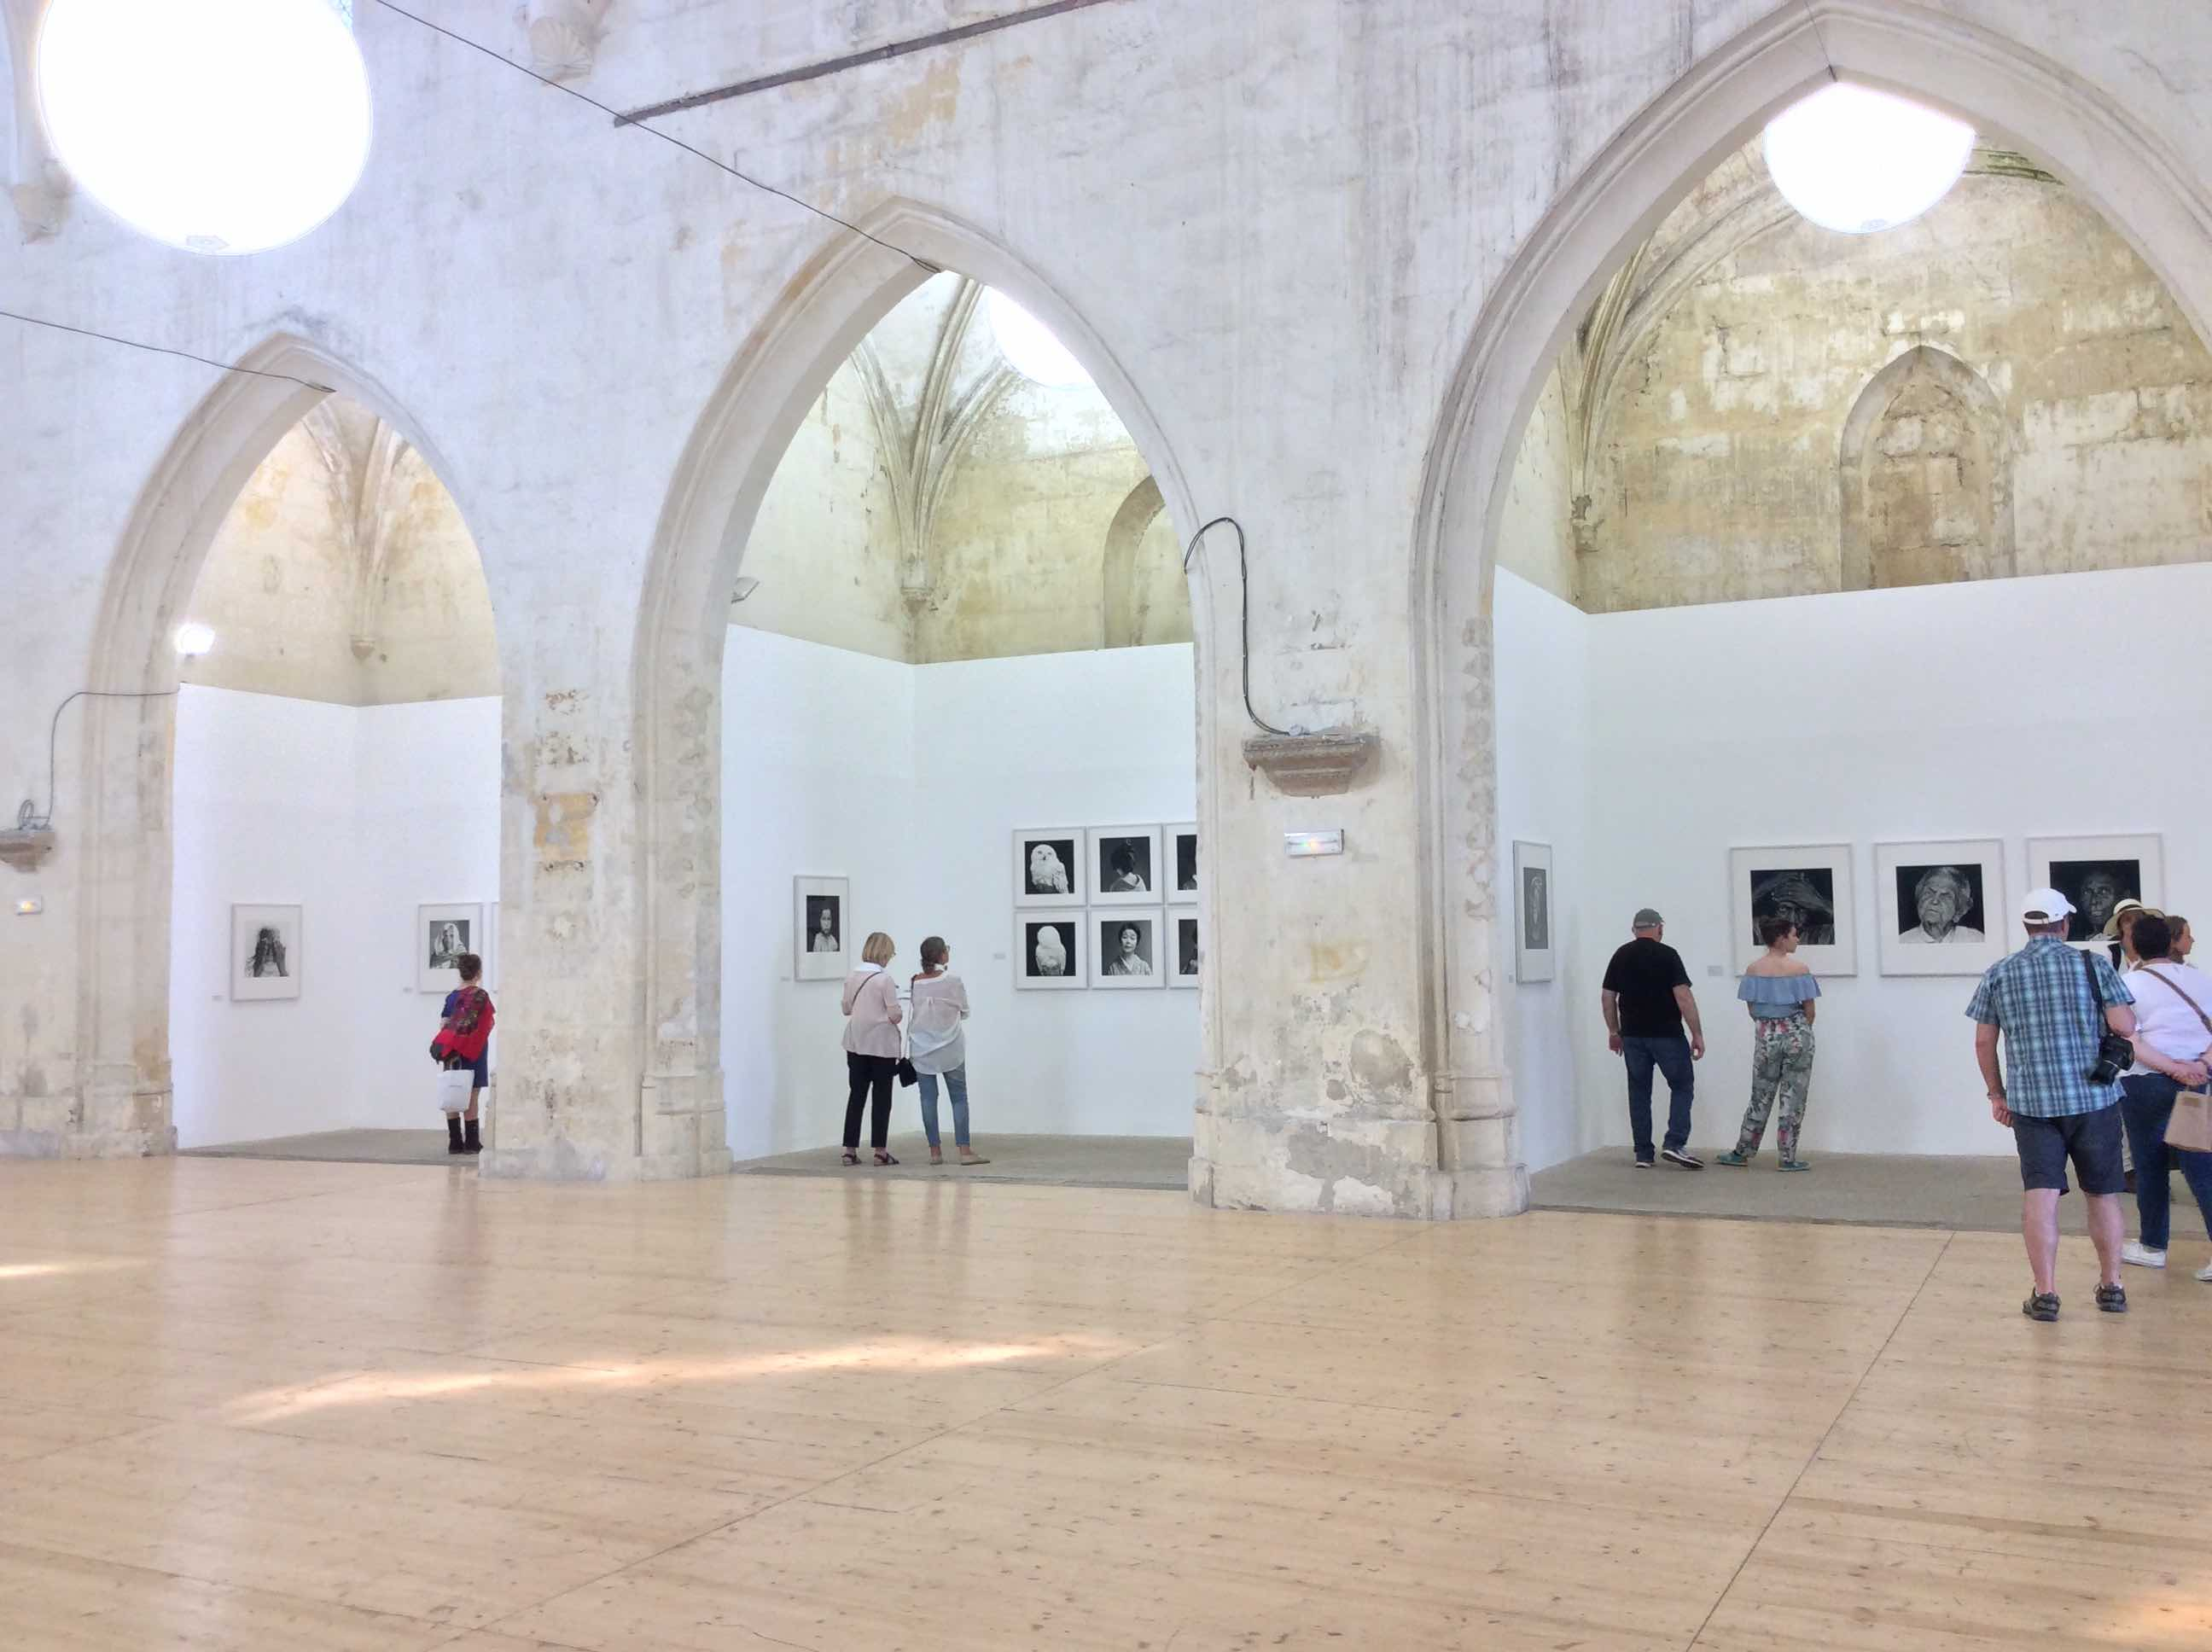 Présence – Christine Turnauer, Arles, Chapelle Sainte-Anne 6-25 April 2018